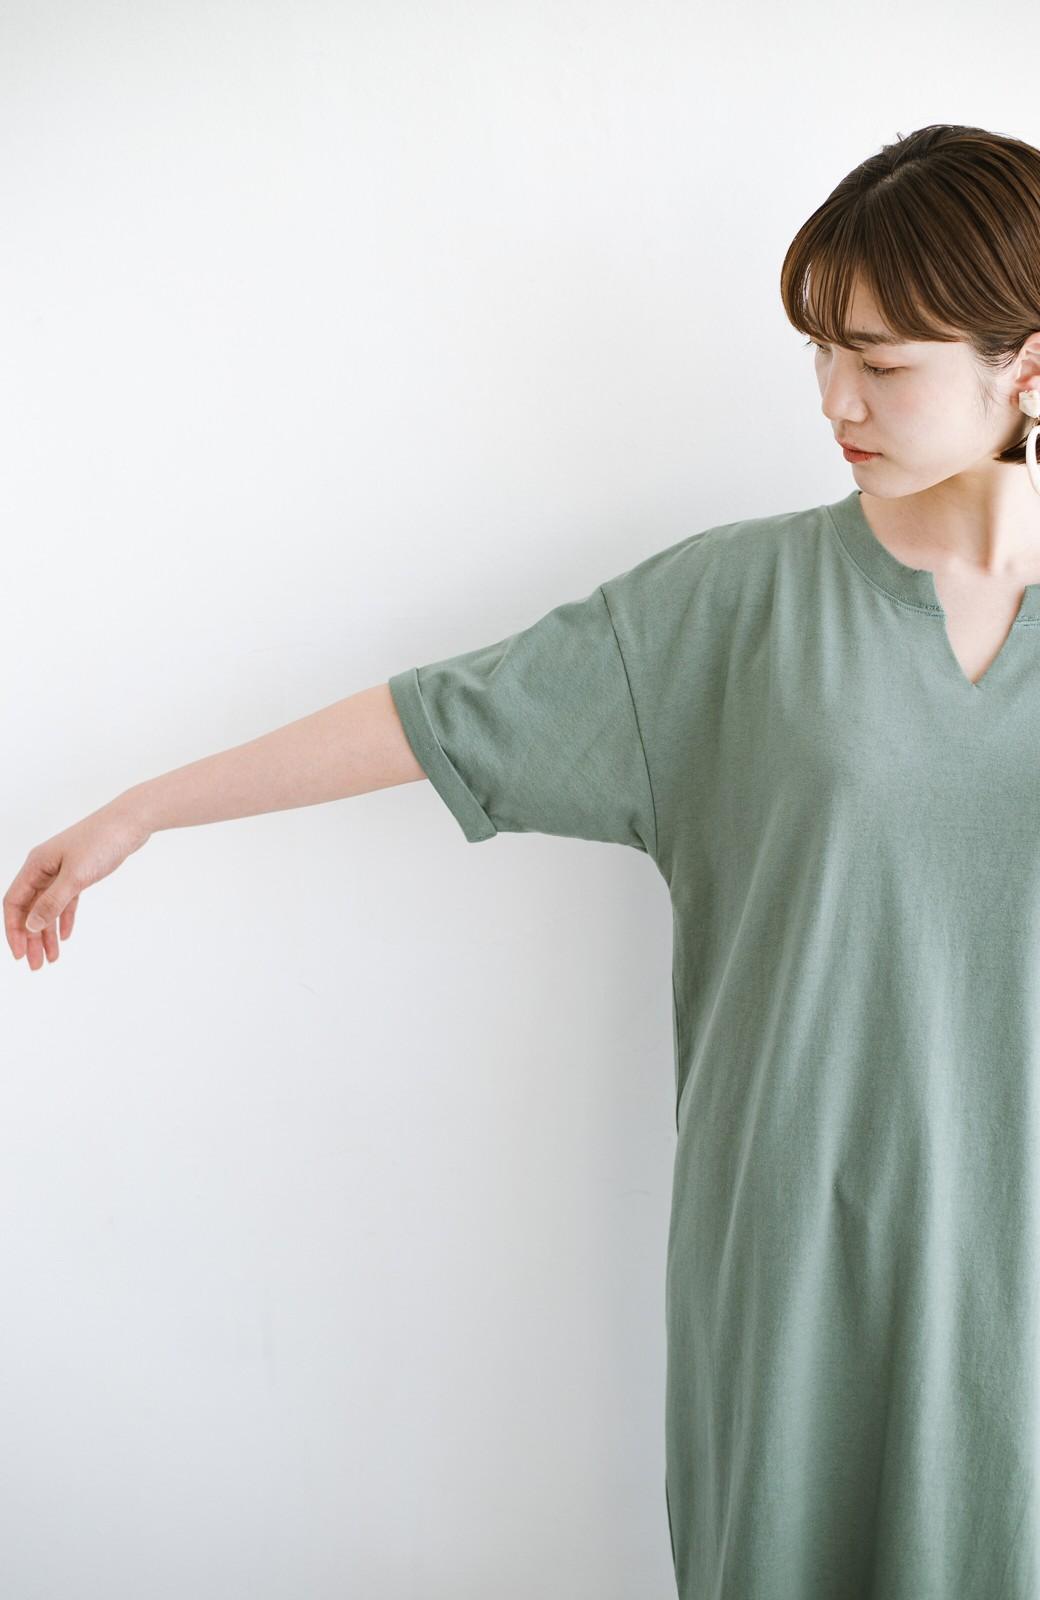 haco! キーネックがさり気なく女っぽい 重ね着にも便利なビッグTシャツワンピース <カーキ>の商品写真6